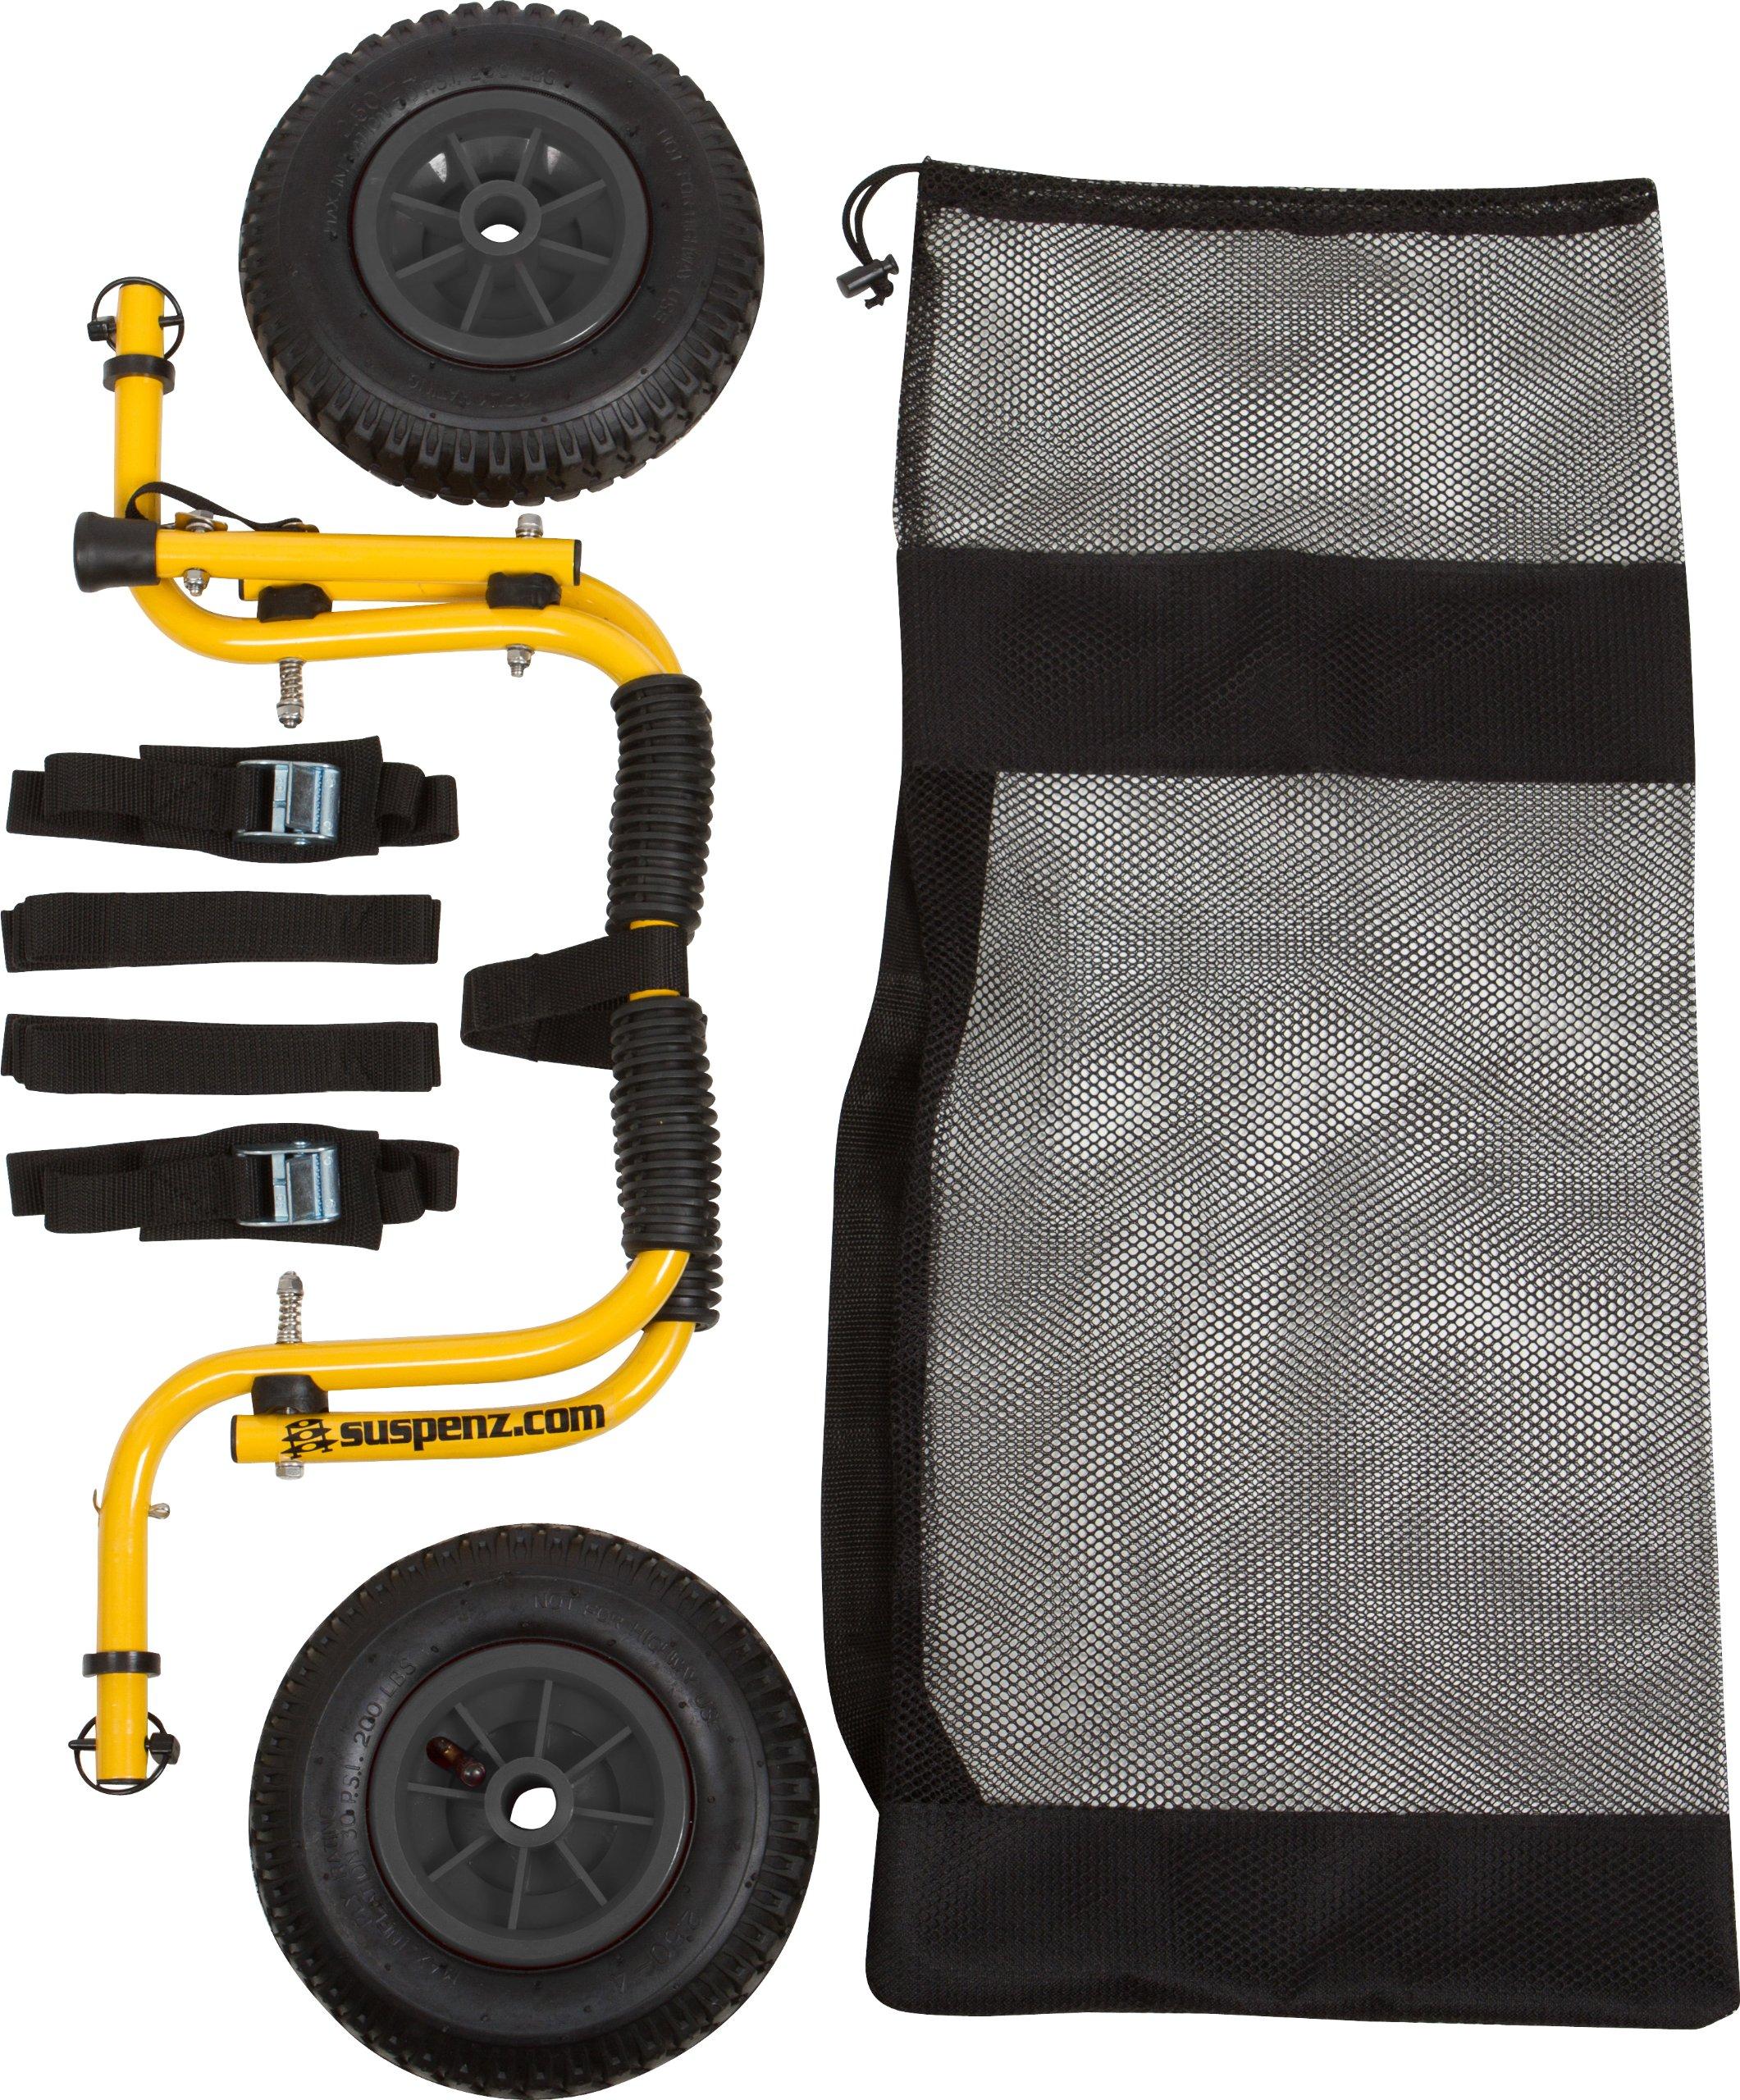 Suspenz Smart Airless DLX Cart by Suspenz